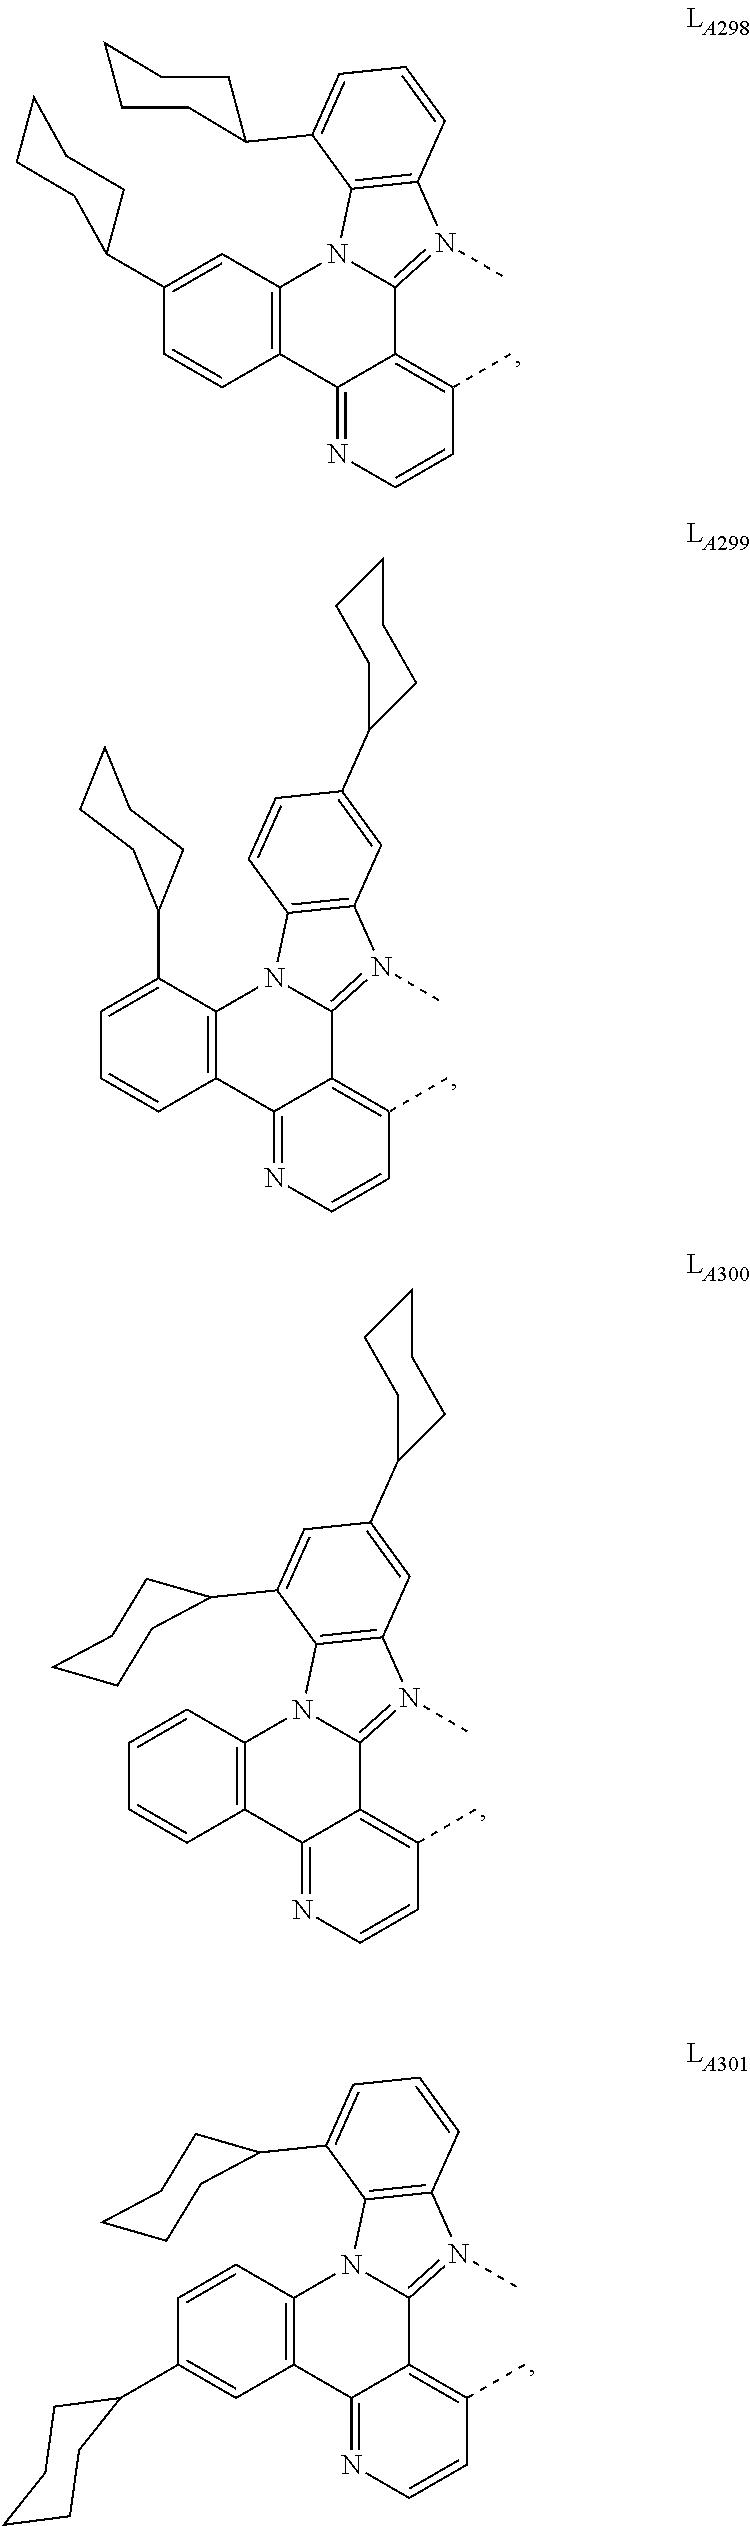 Figure US09905785-20180227-C00095